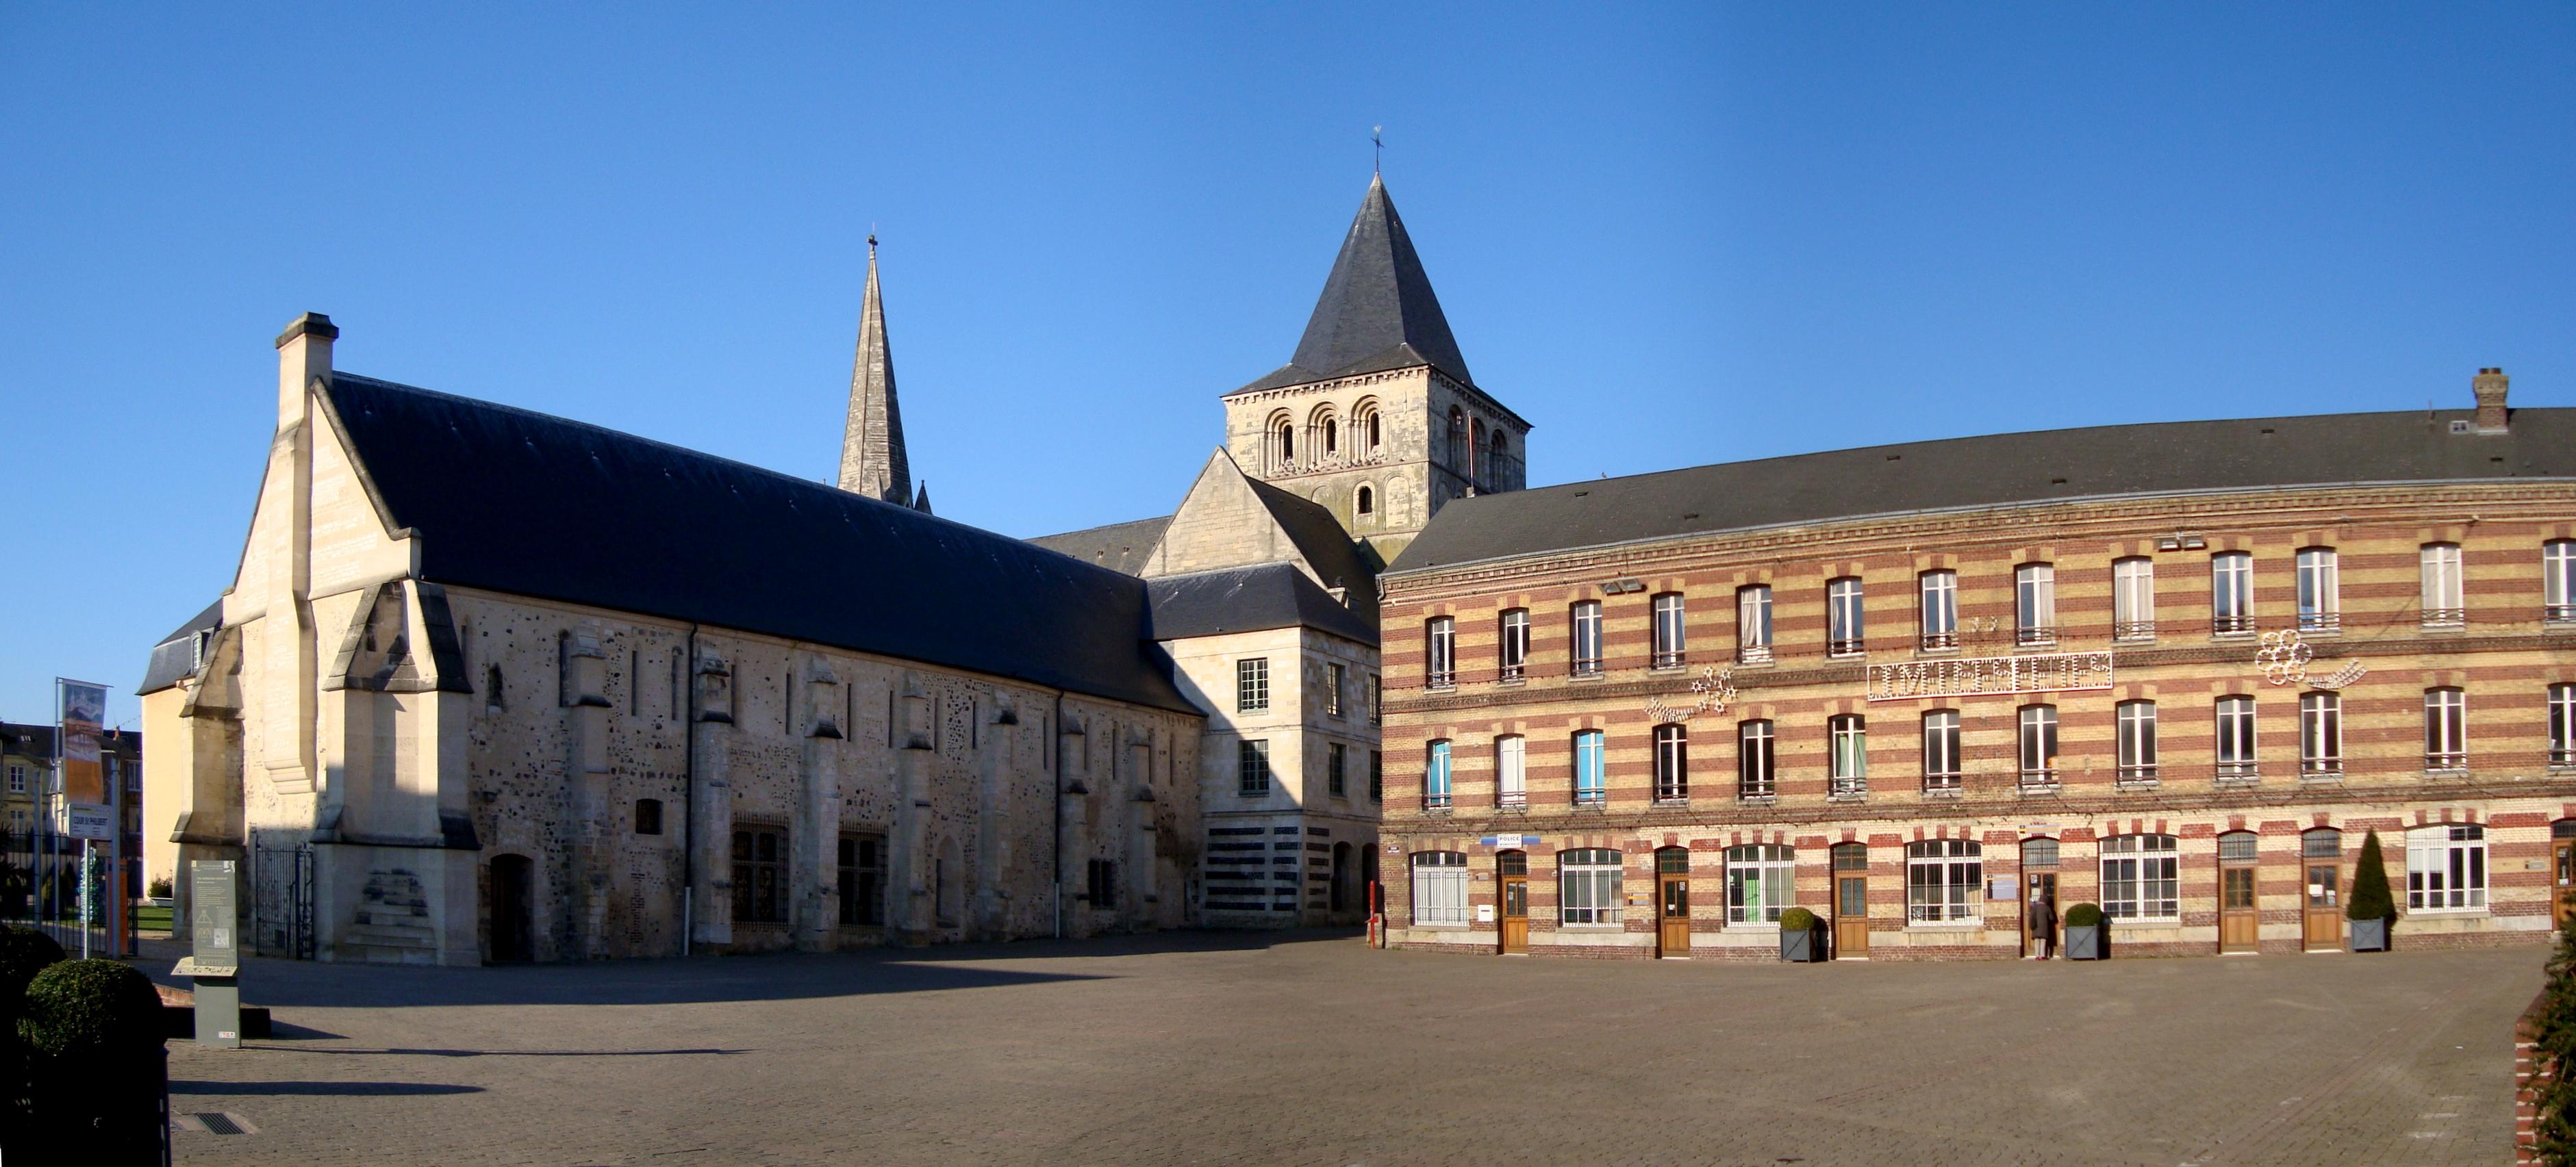 Abbaye de montivilliers vue d ensemble de l ext rieur le havre patrimonial for Parement exterieur le havre